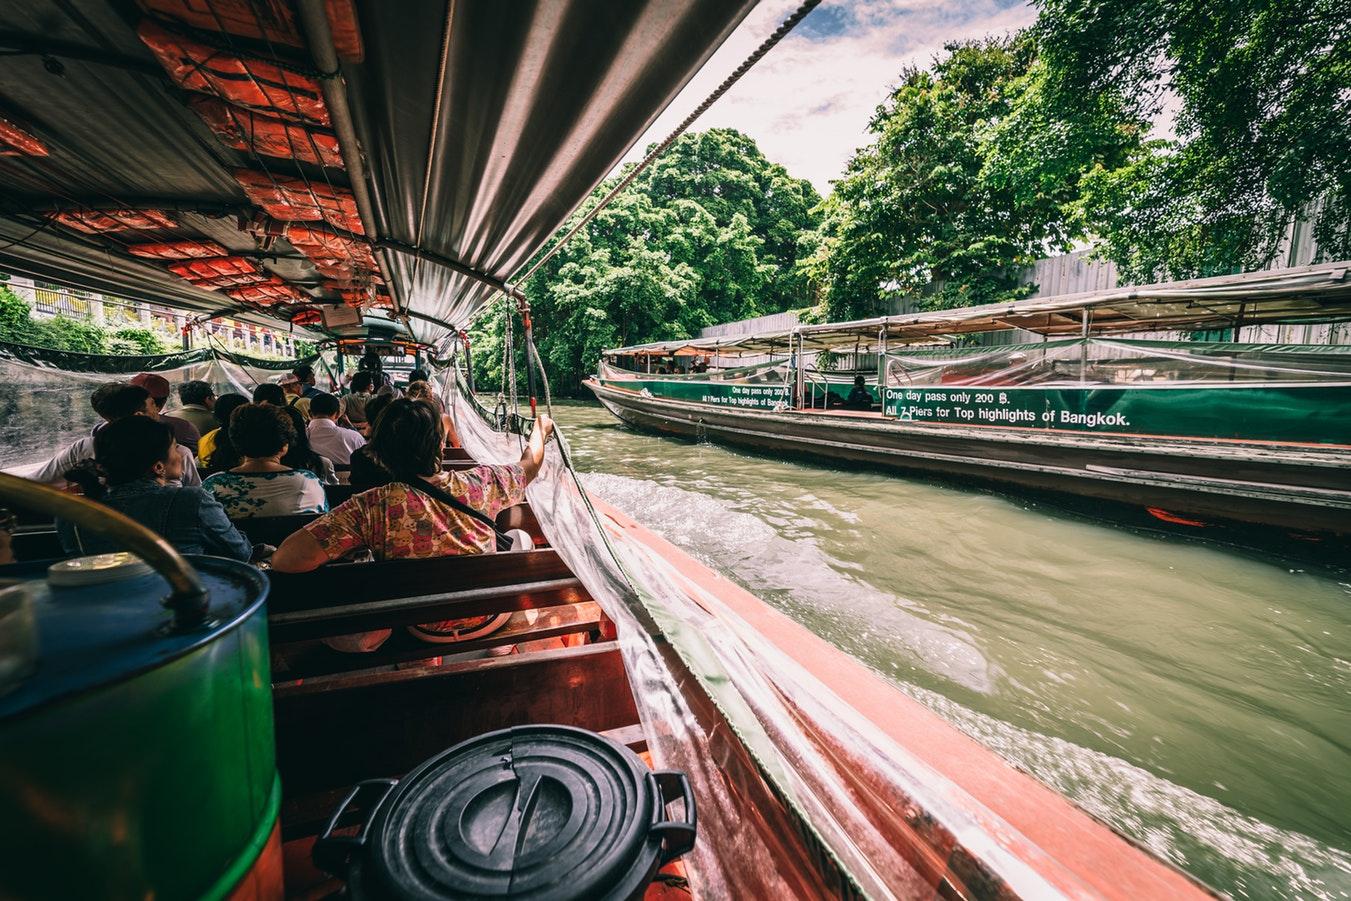 Boating - Chao Phraya River Things to in Bangkok